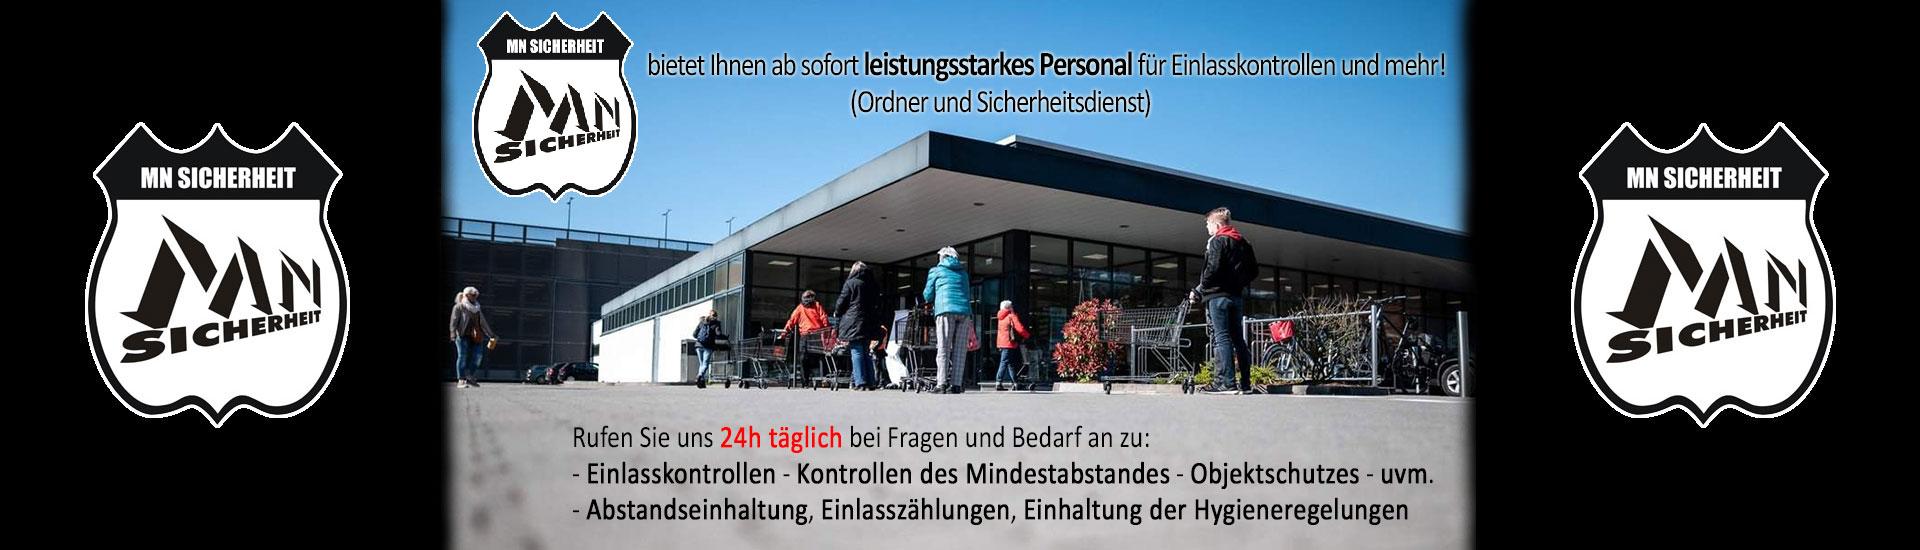 Ordnerdienste durch MN Sicherheit in Paderborn